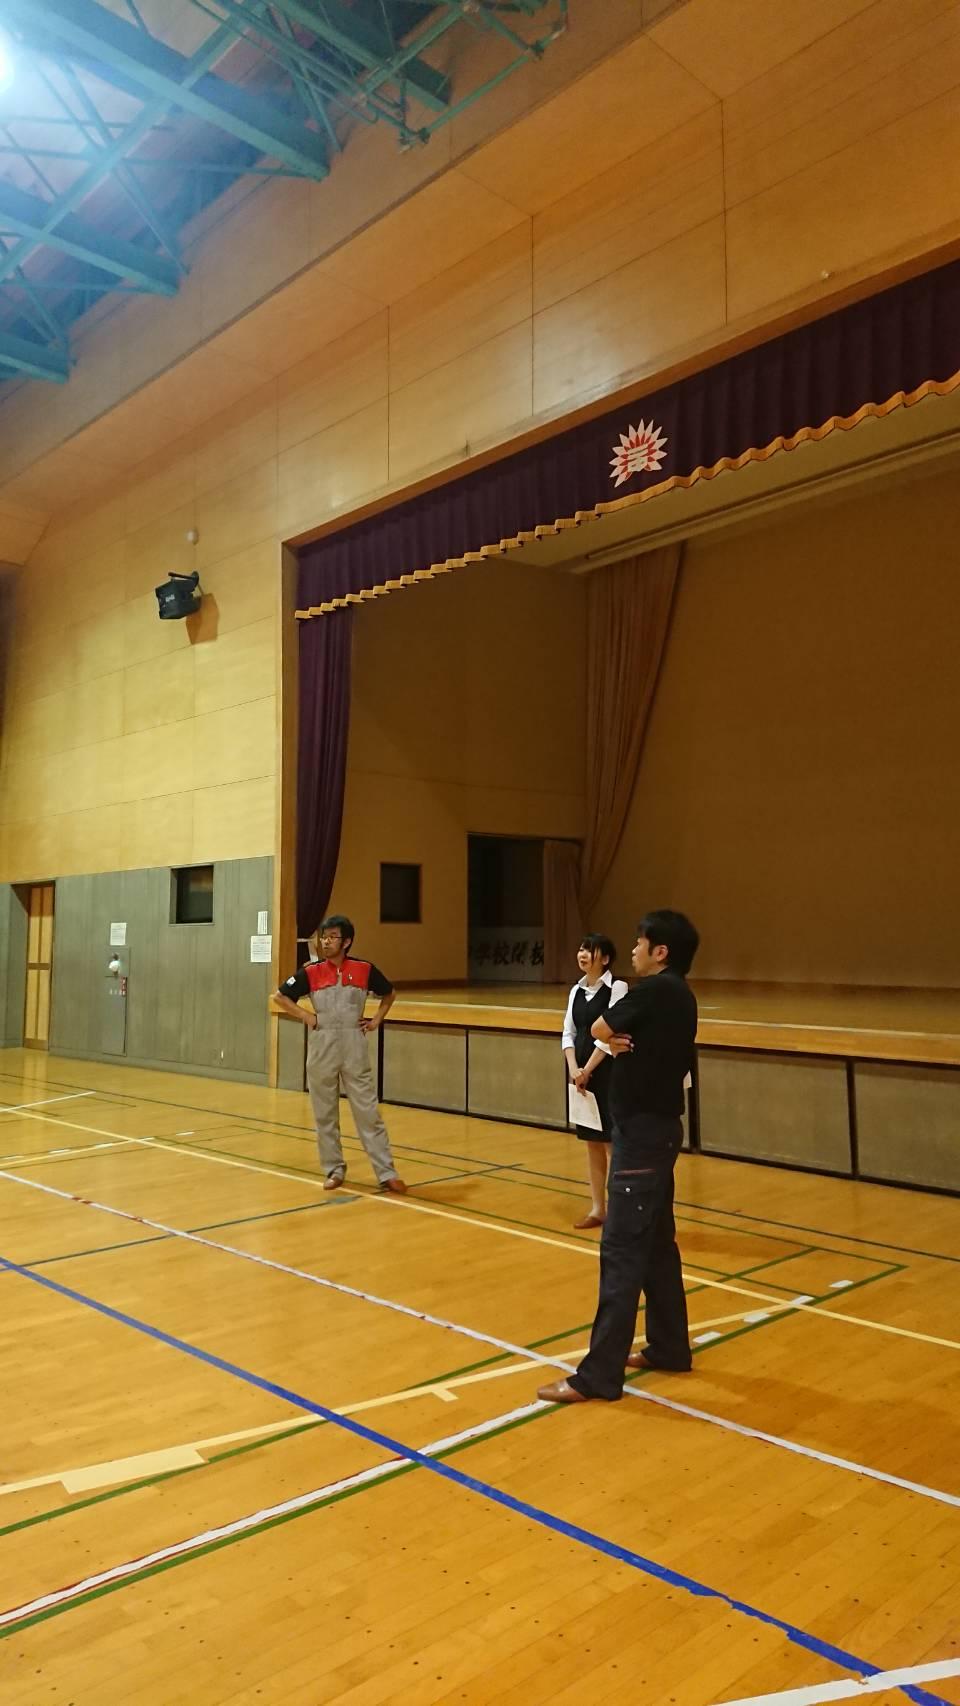 ひとづくり委員会 @川西町交流館あいぱる:画像